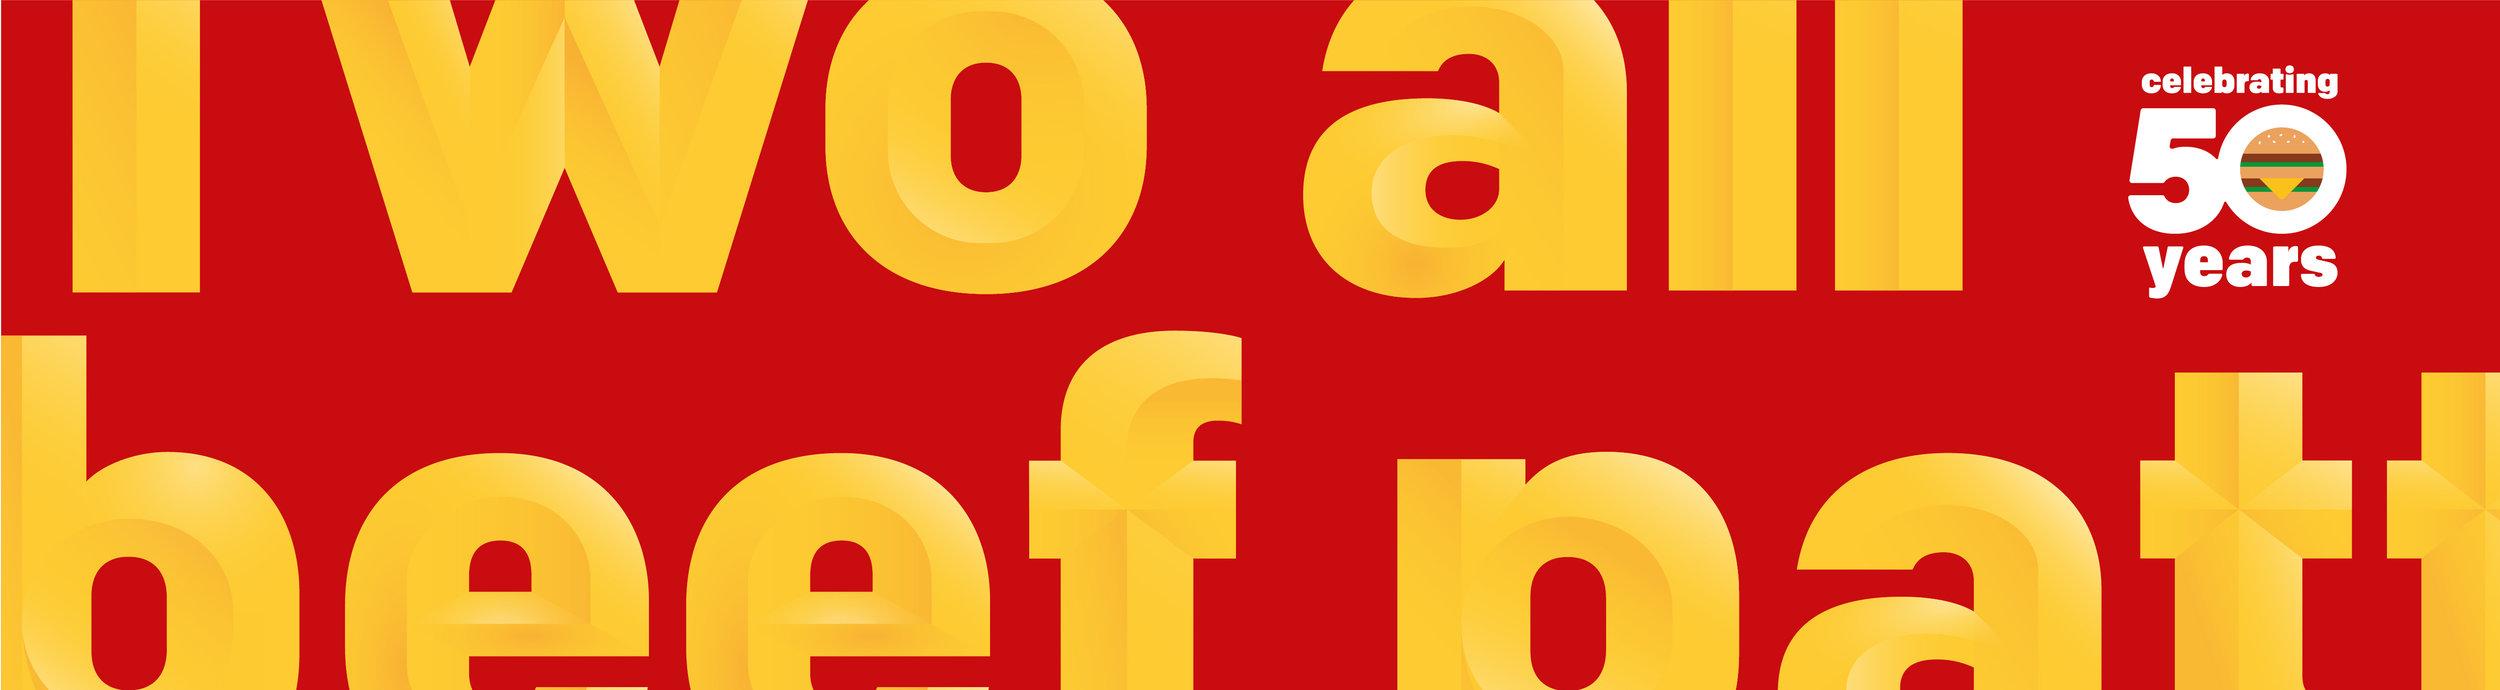 New Big Mac - Beef Patties - 1224px x 324px.jpg